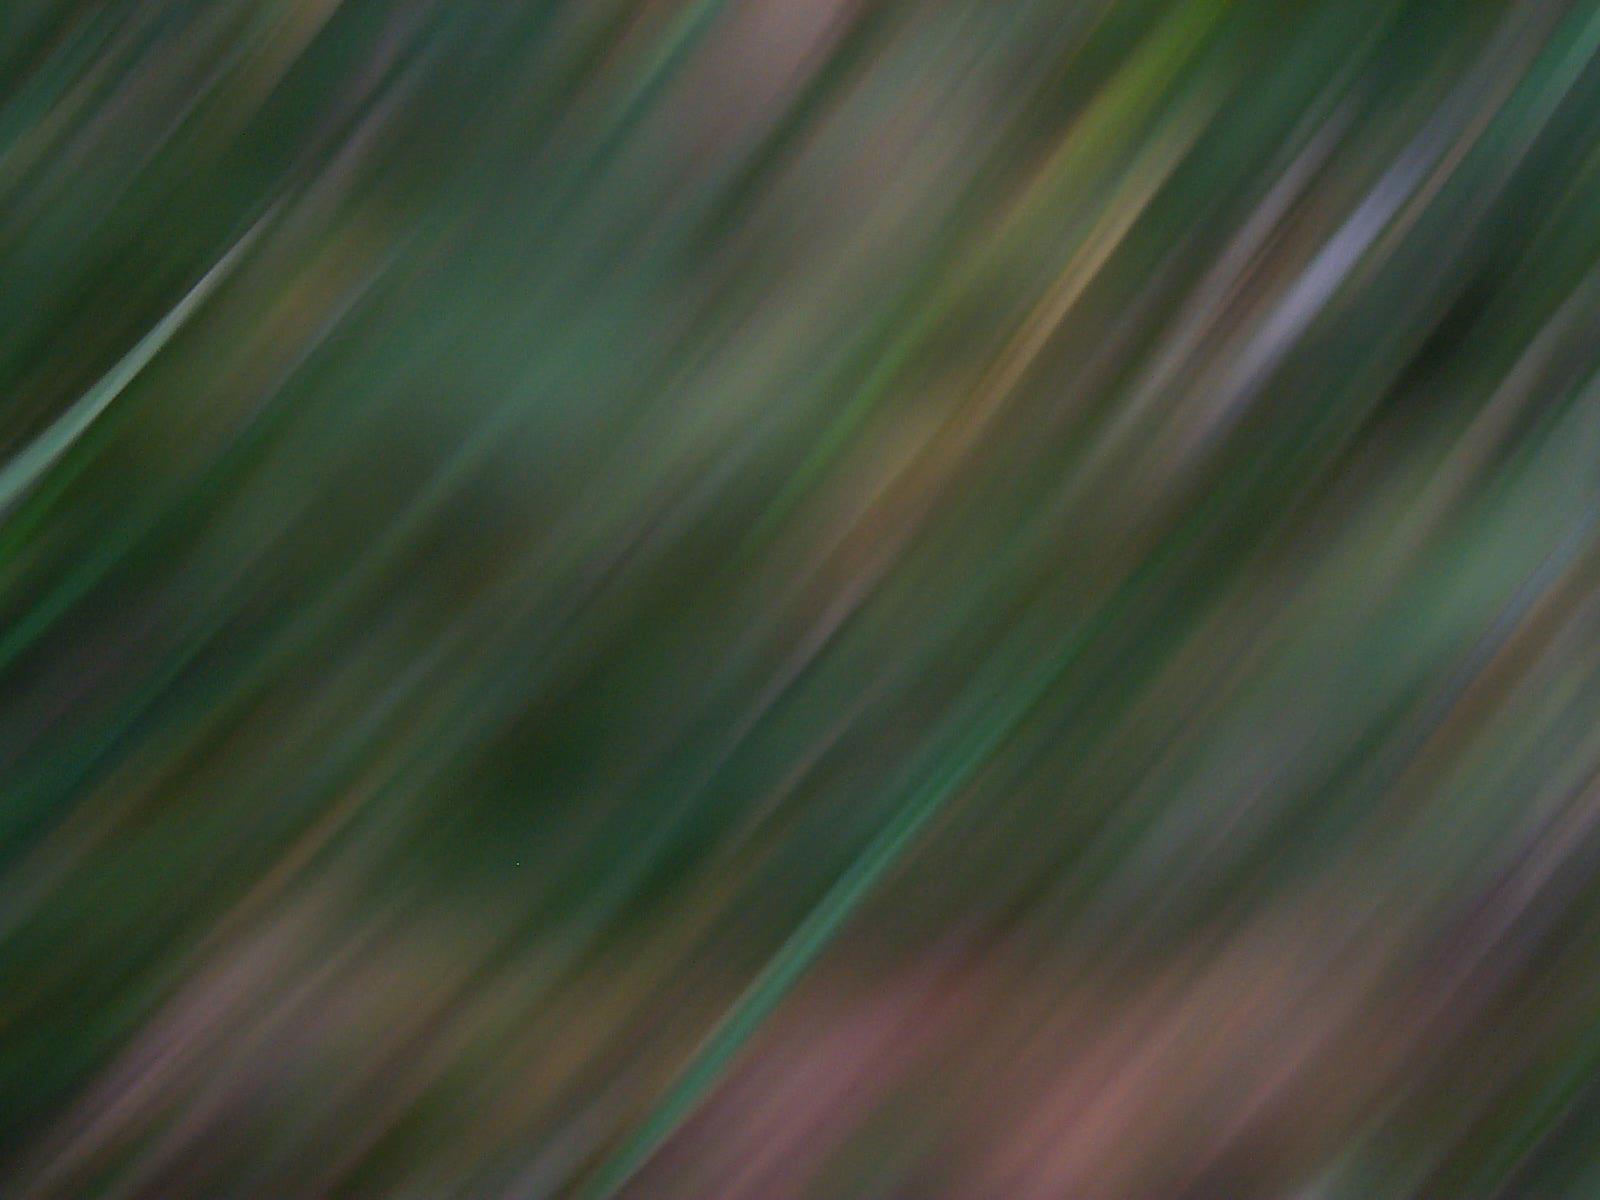 trevor blur swish swoosh blurred blurry green speed fast